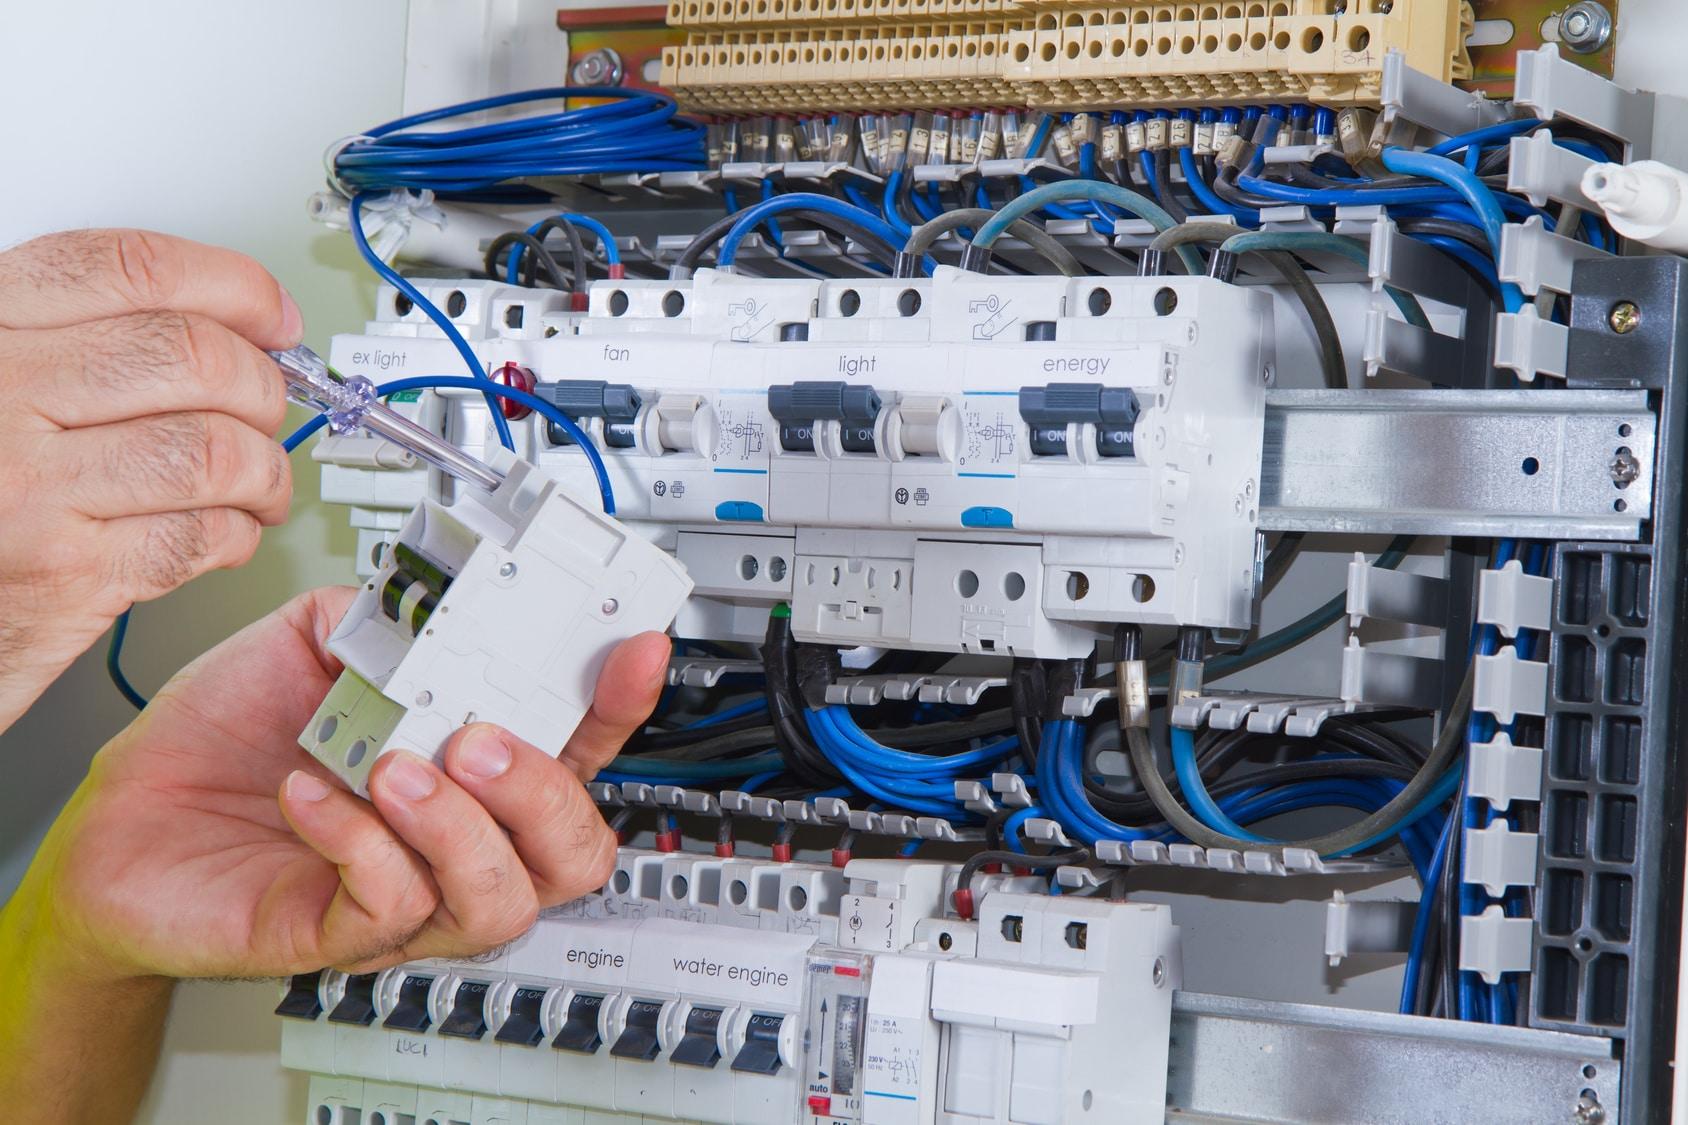 Étude électrotechnique Annecy